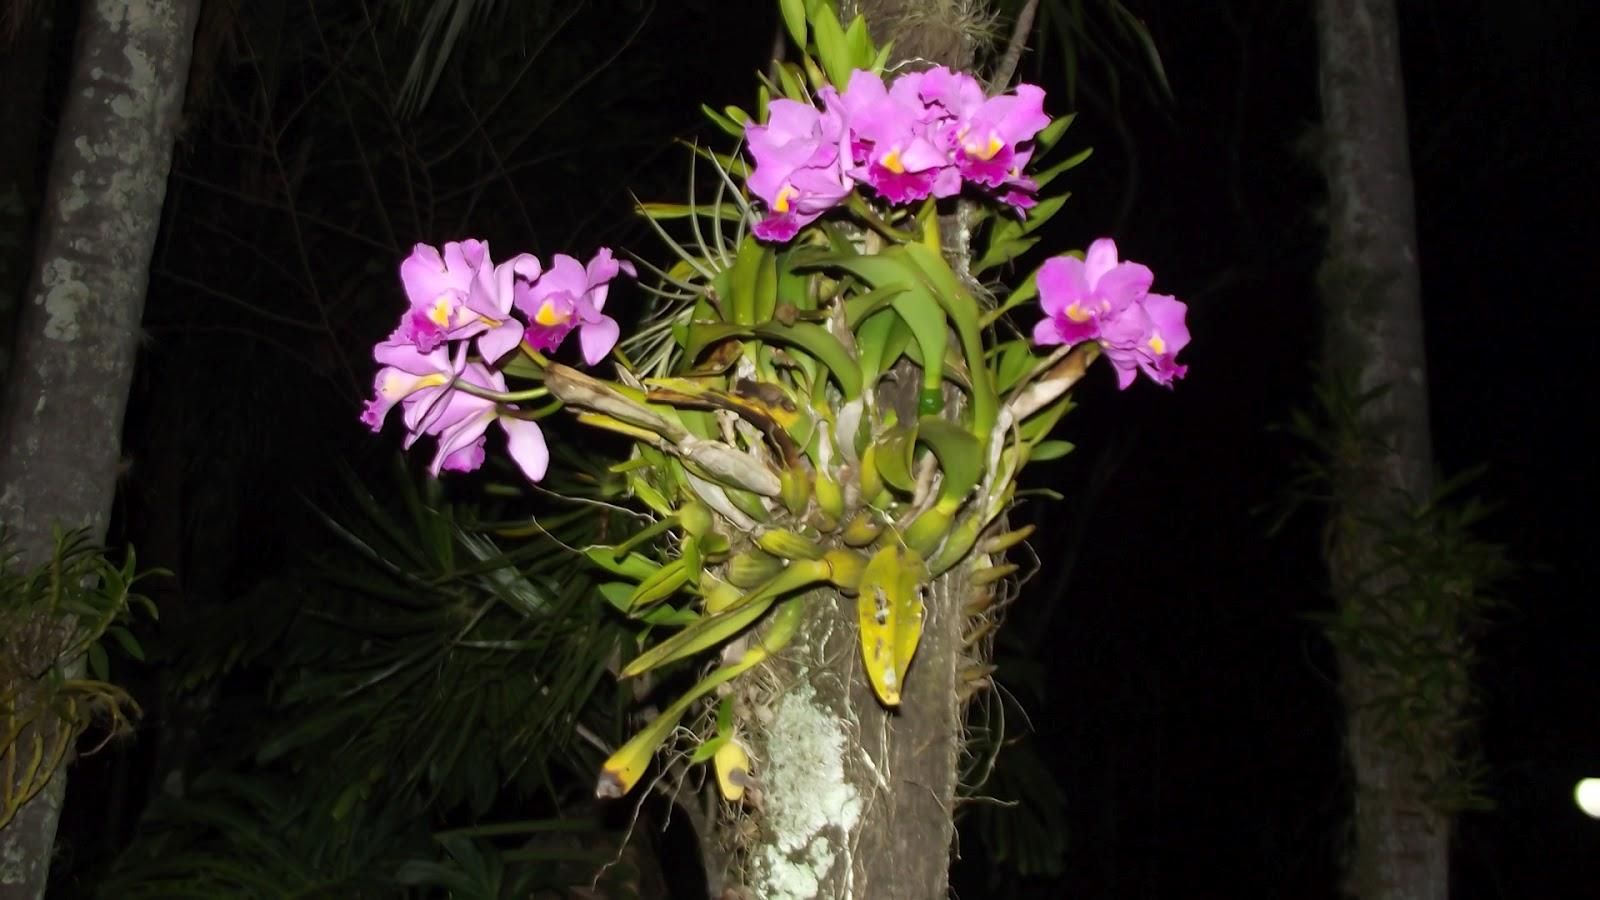 mesa jardim carrefour:Mas, como nem só de orquídea, vive um jardim, aqui outra que sempre